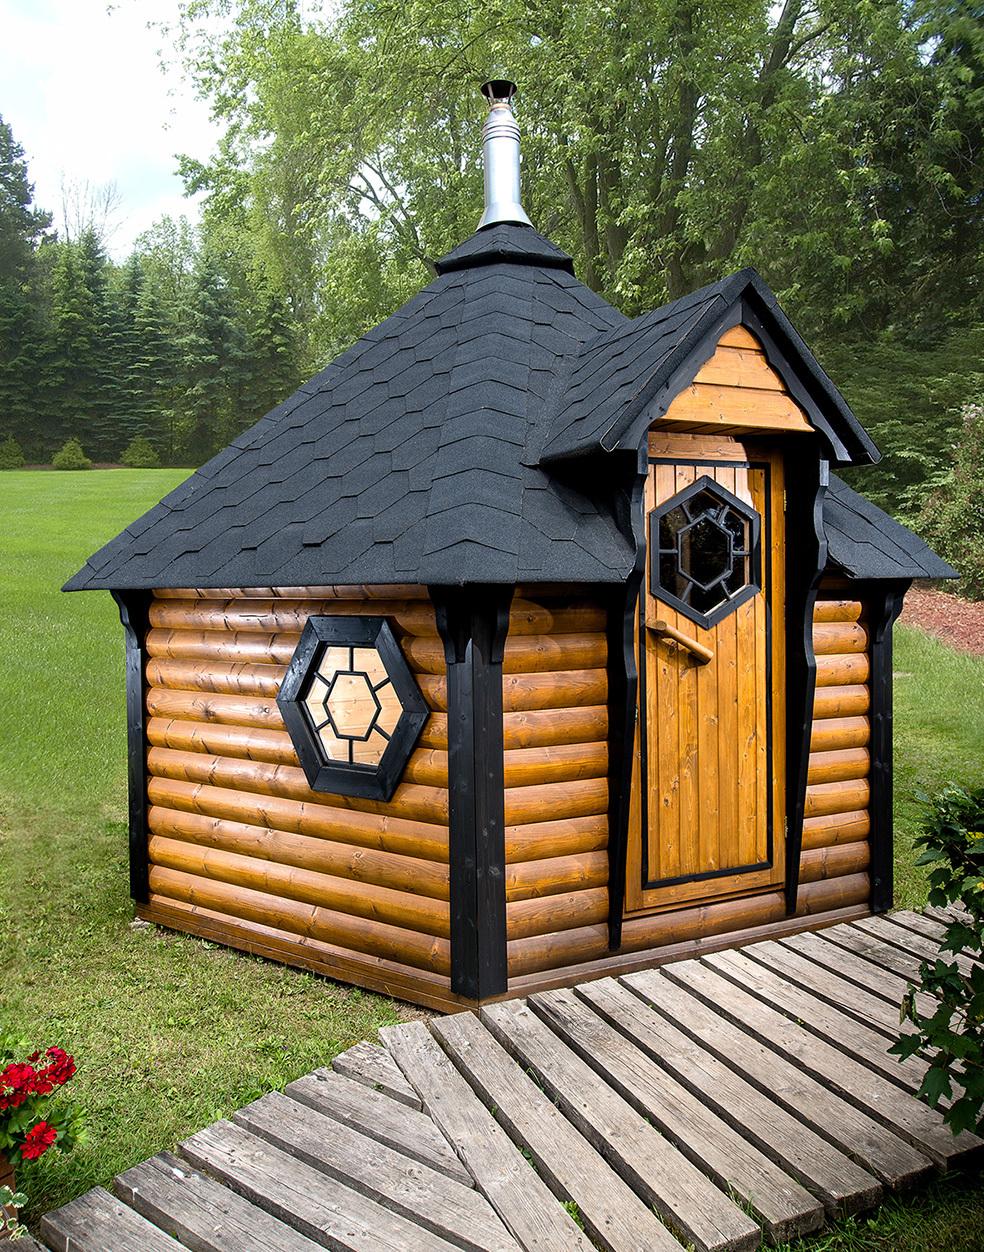 sauna d 39 ext rieur finlandais avec vestiaire ce kota 9 2m2 insolite vous apportera d tente et. Black Bedroom Furniture Sets. Home Design Ideas